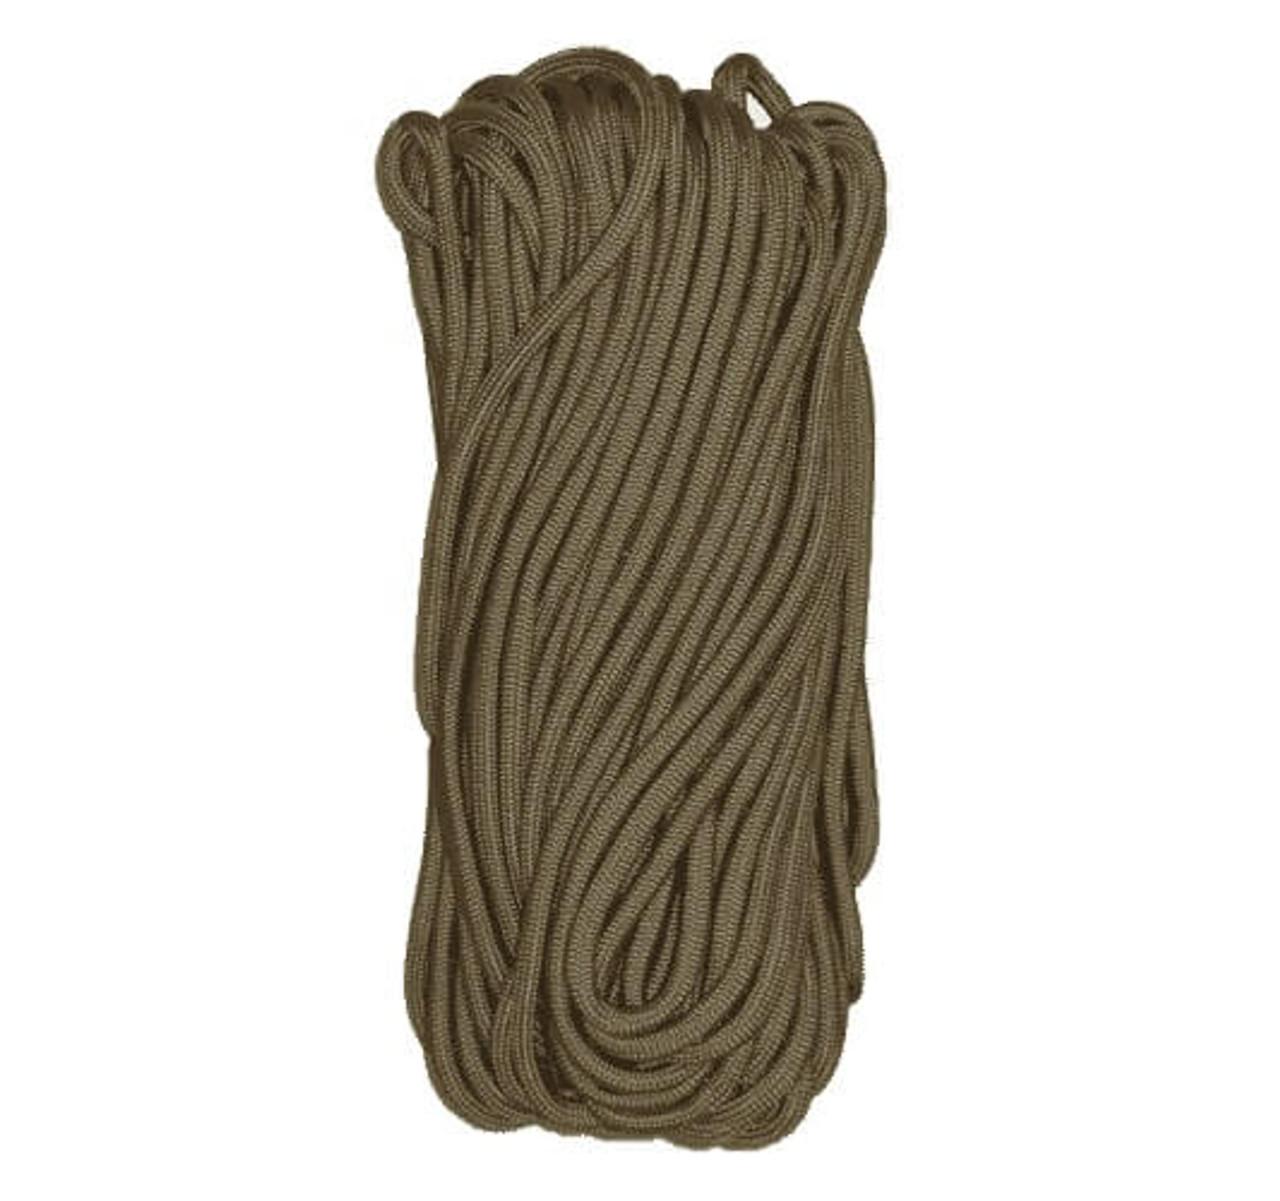 TacShield - 550 Cord 50ft (Olive Drab) (MPR)